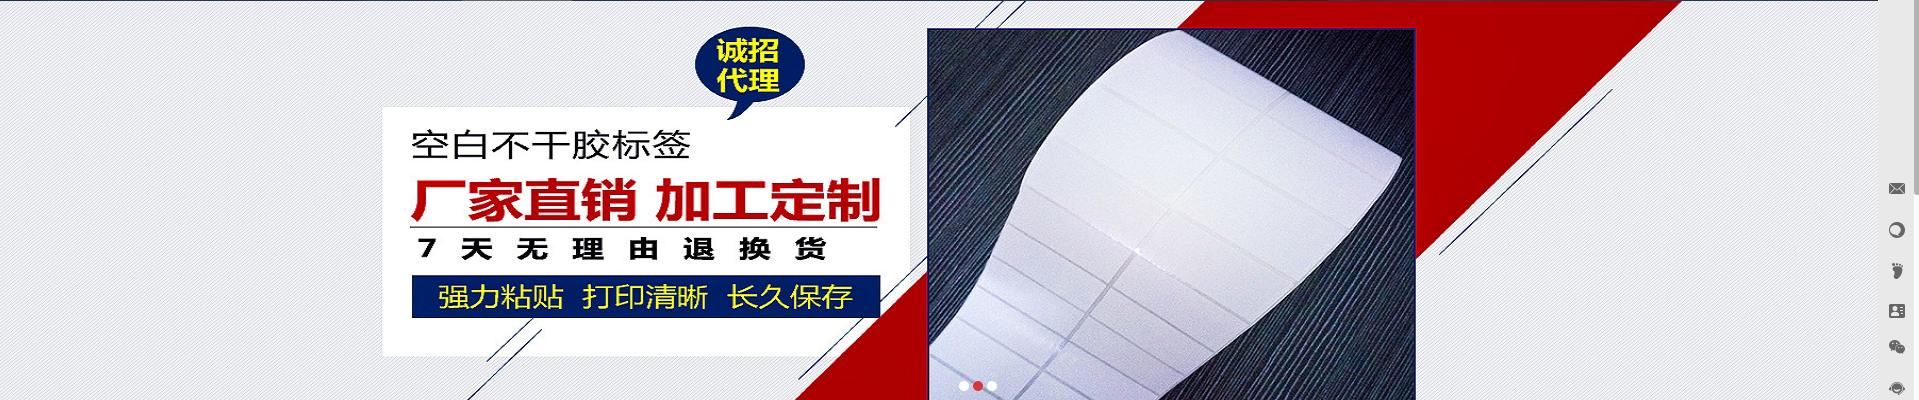 广州大河码信息技术有限公司